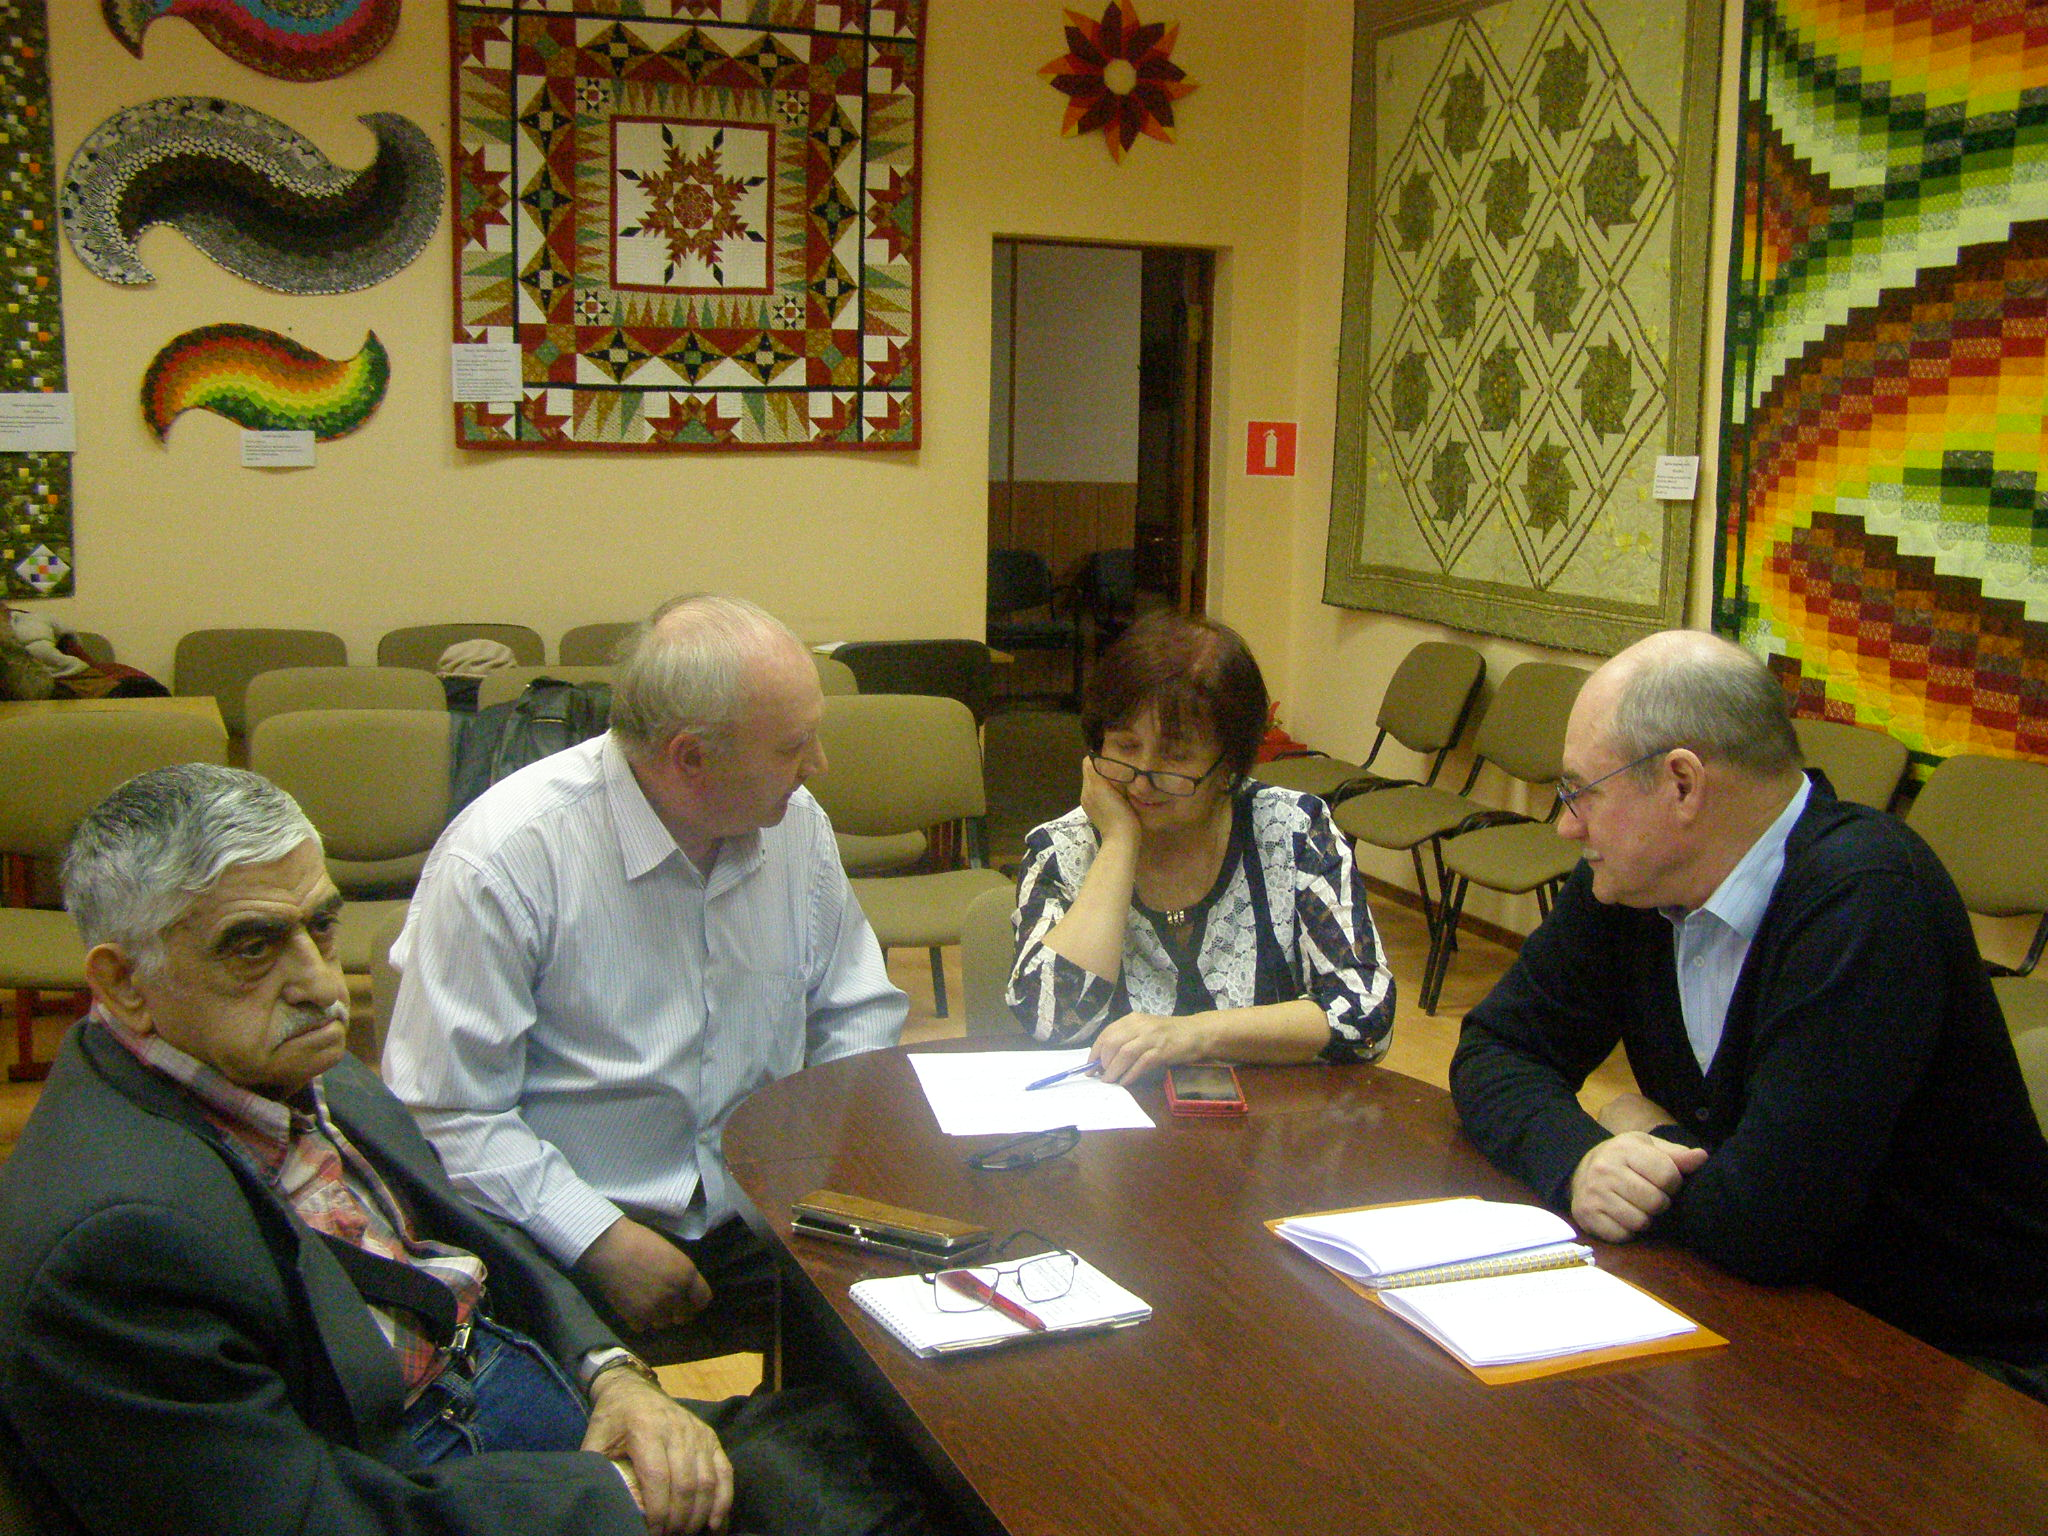 """Заседание ЛИТО \""""Ладога\"""", руководитель В. Кузнецов. Присутствовало 10 человек."""